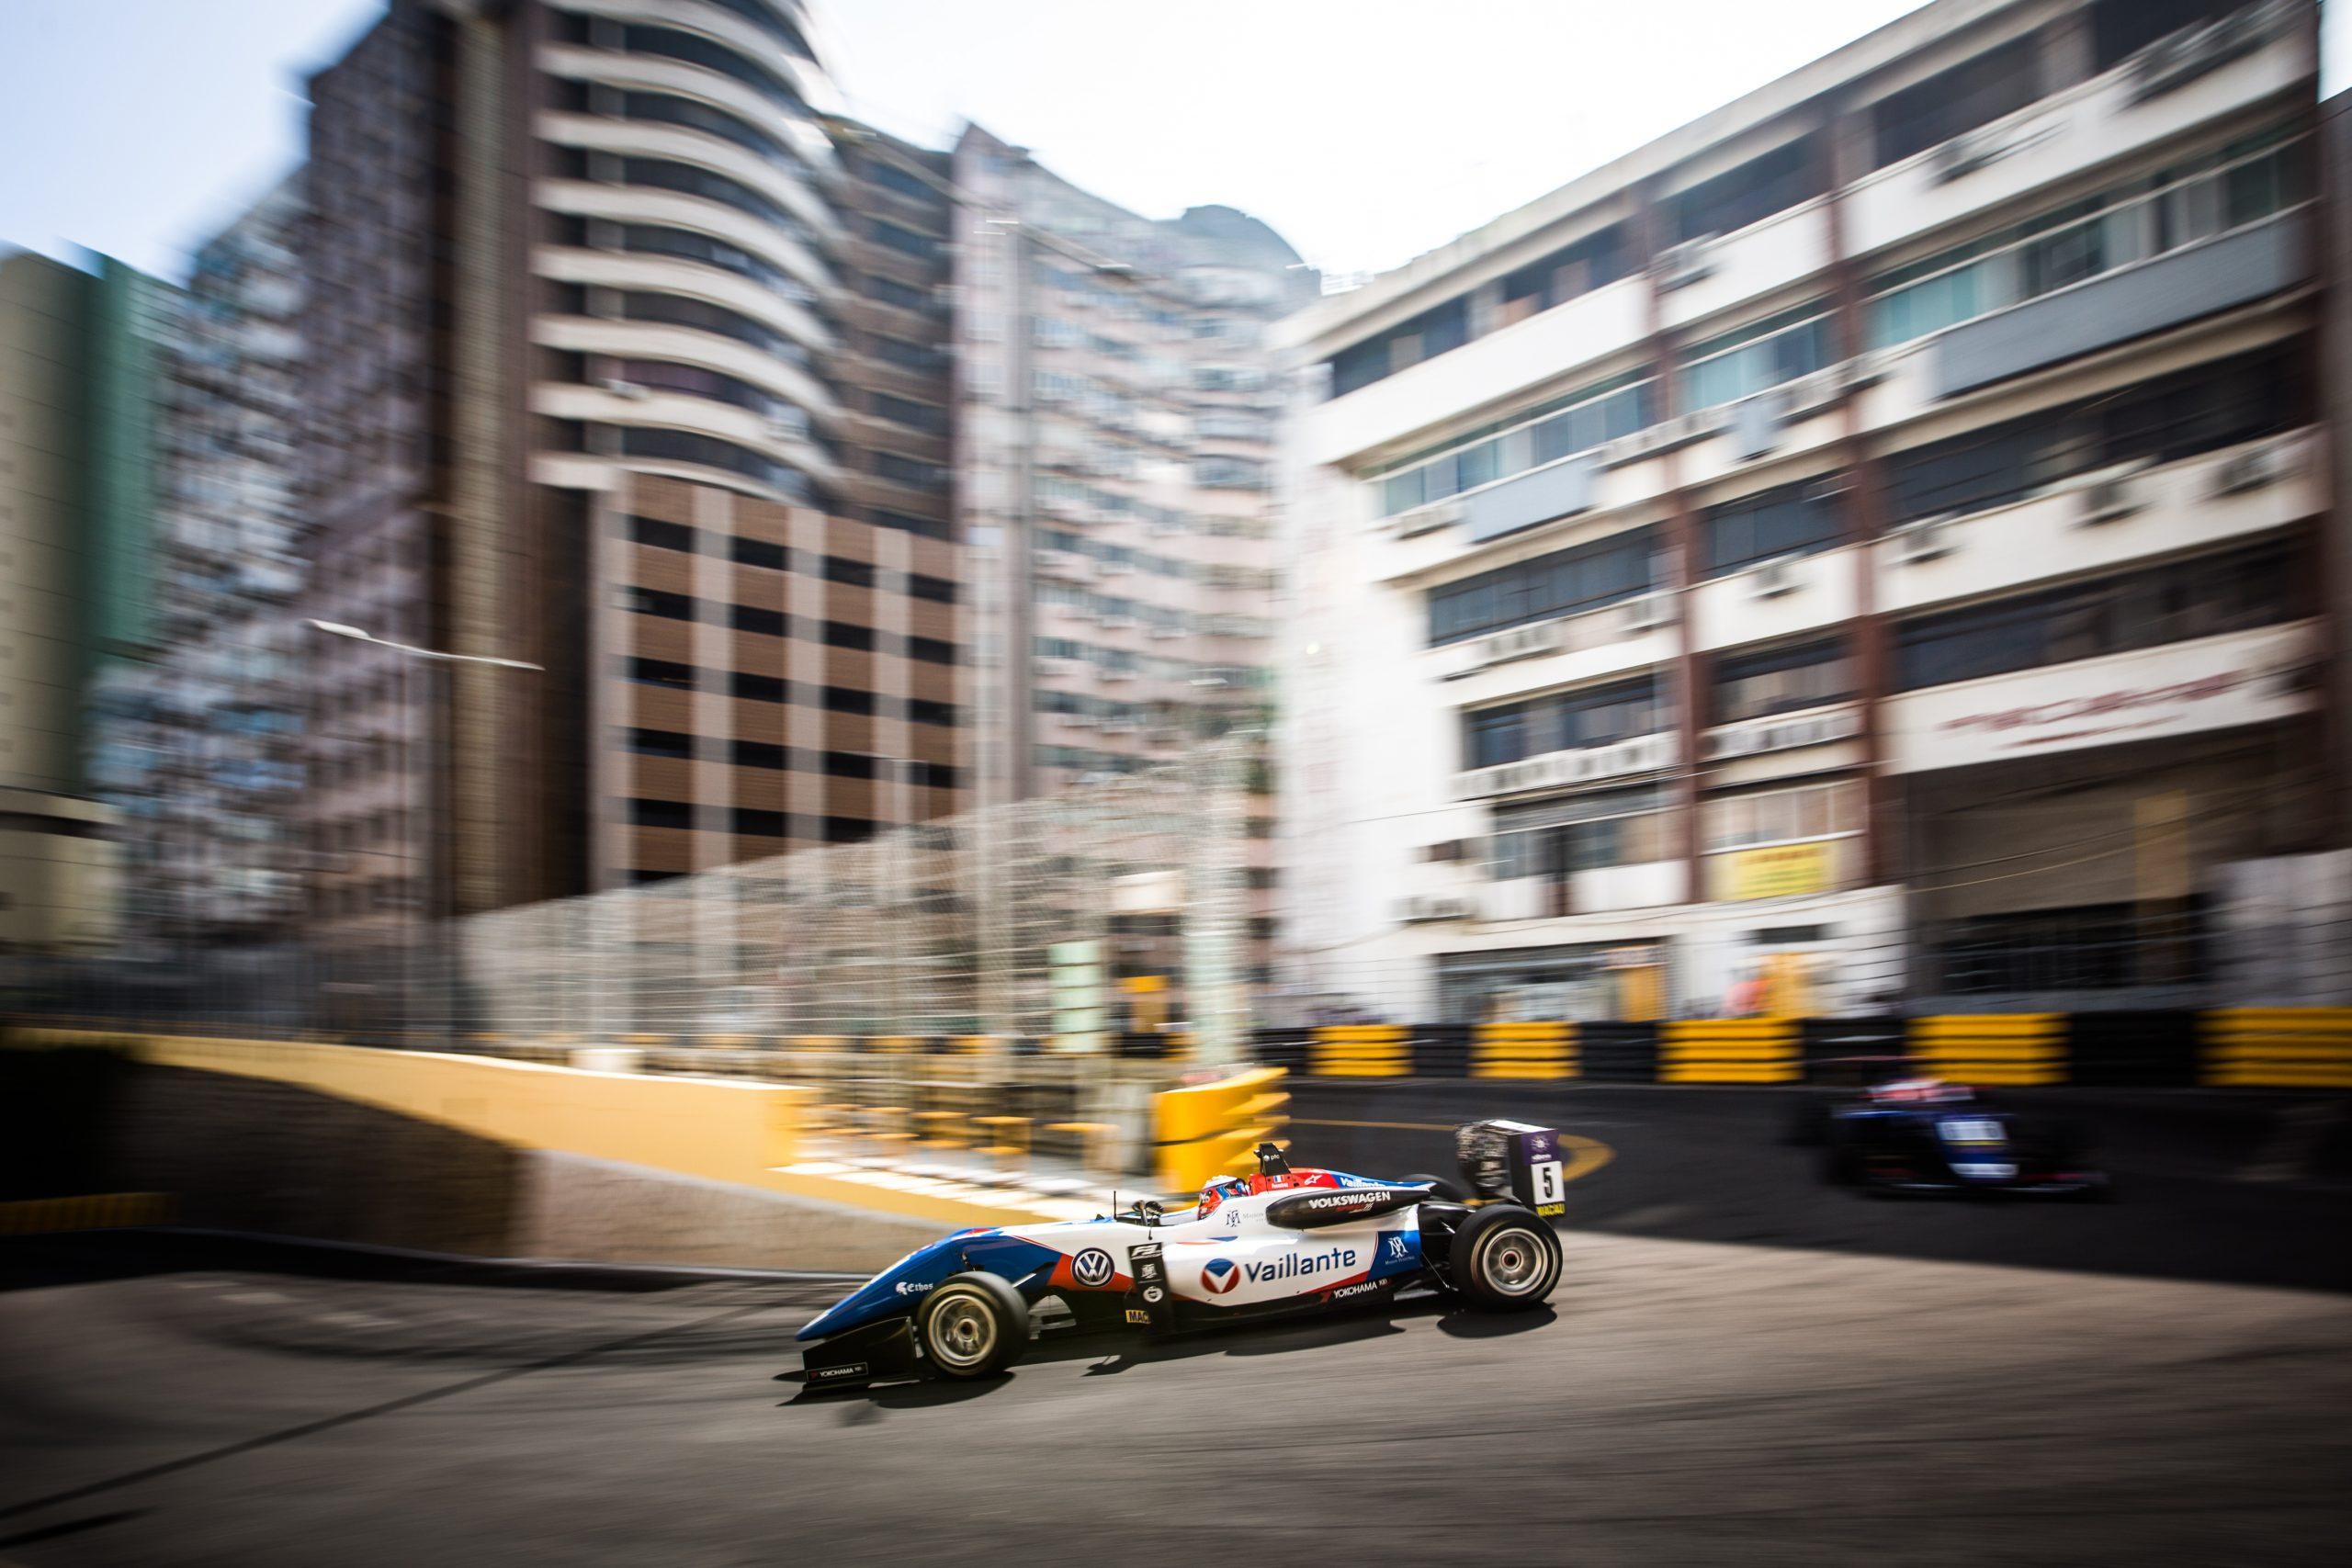 Macau Grand-Prix 2017